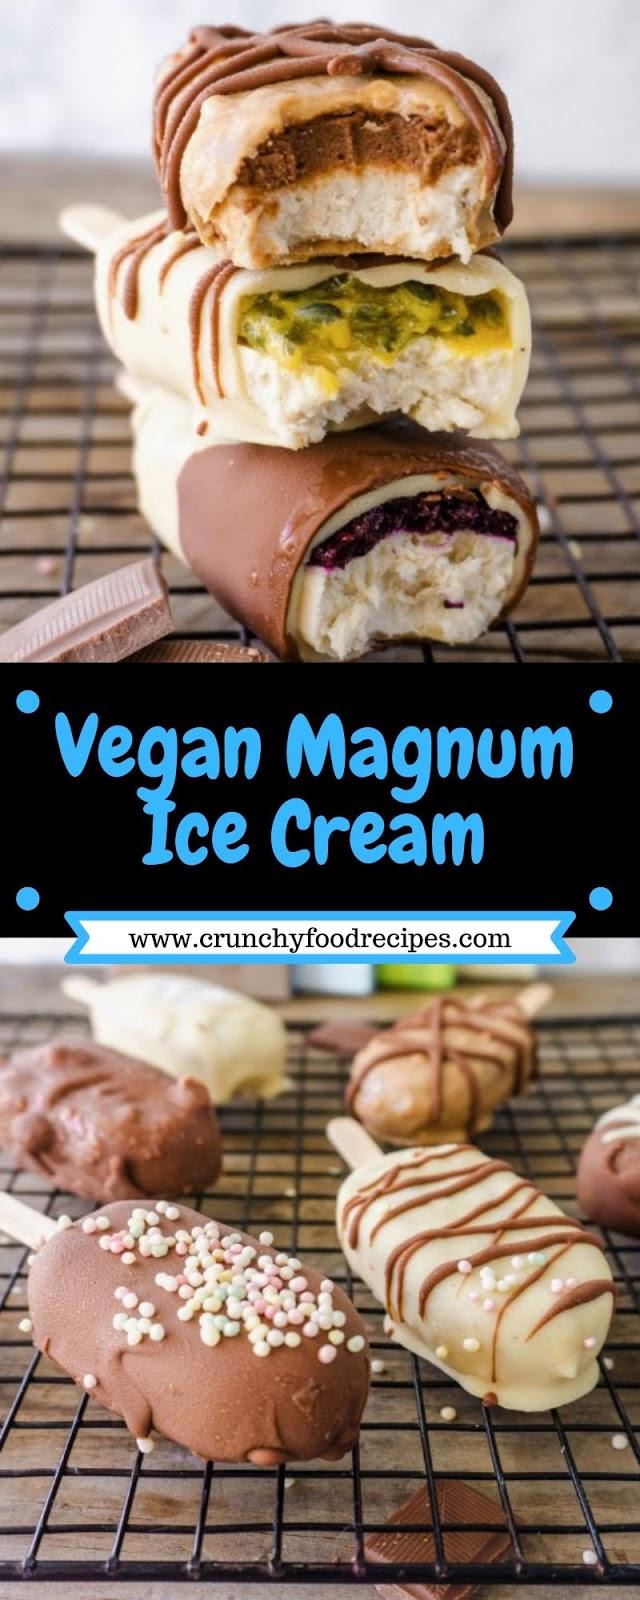 Vegan Magnum Ice Cream